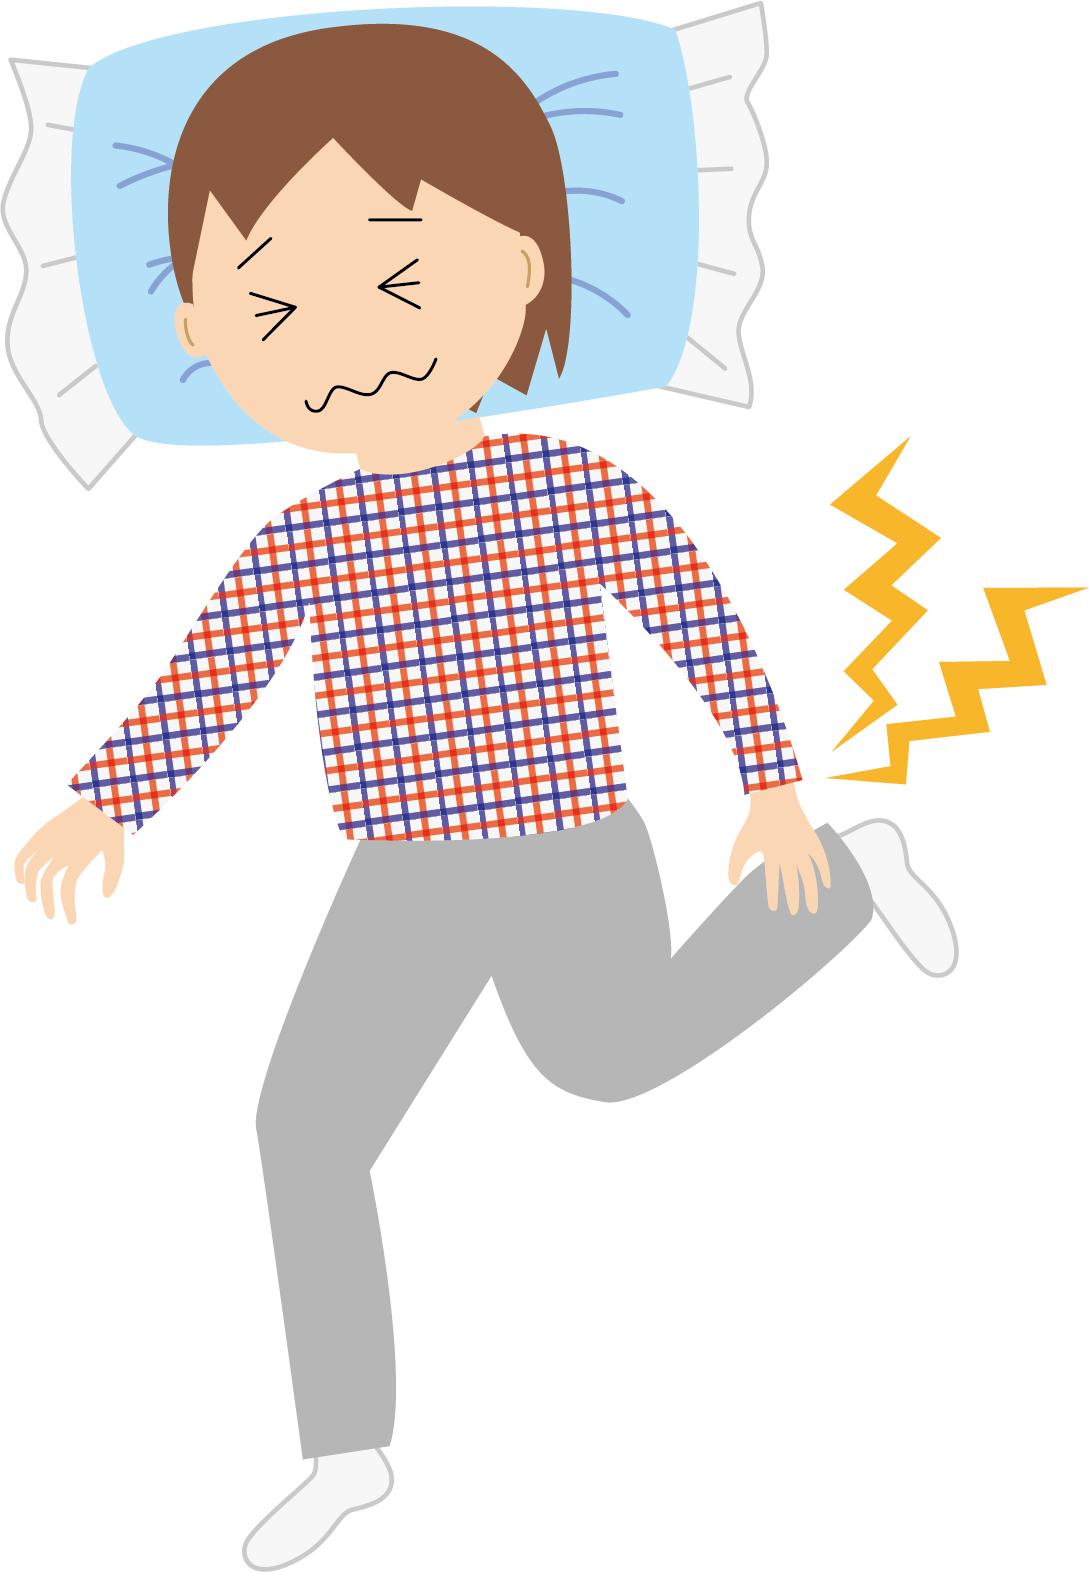 痛風発作の前兆はあります(私の場合)